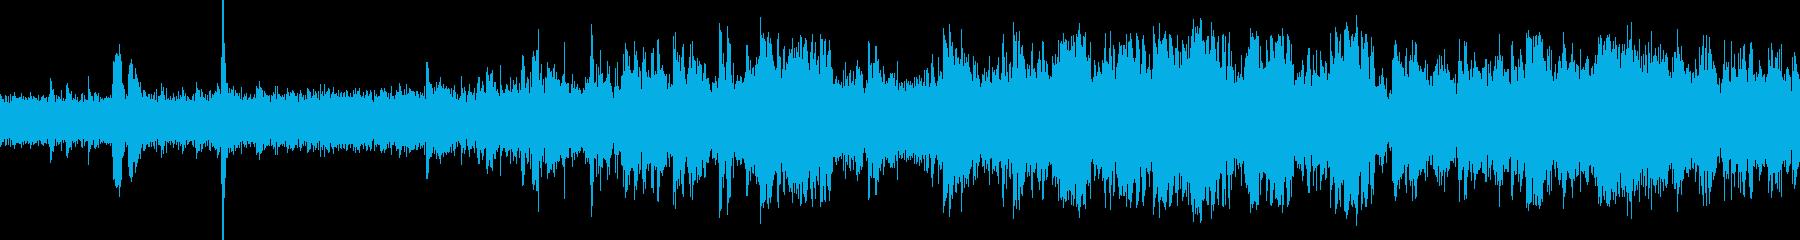 EC、列車の発車音(車内より収録)の再生済みの波形